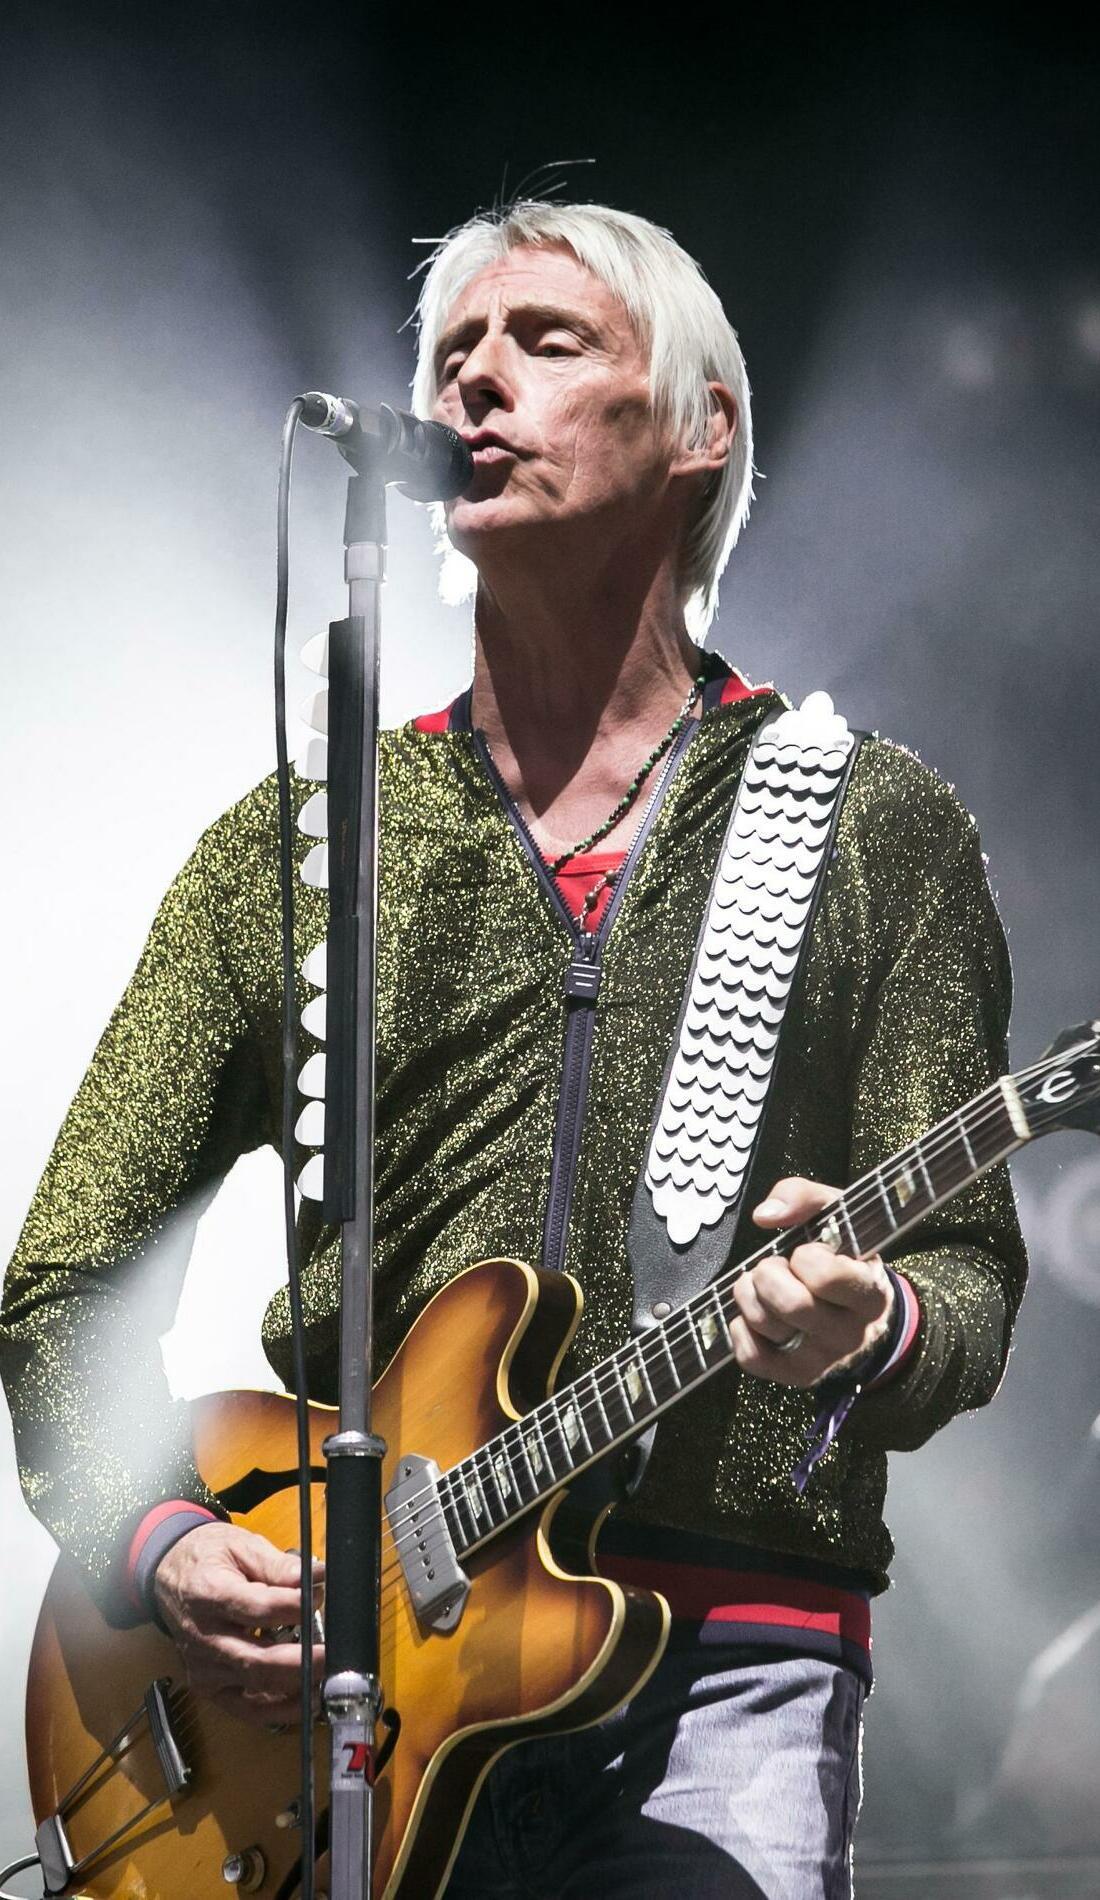 A Paul Weller live event